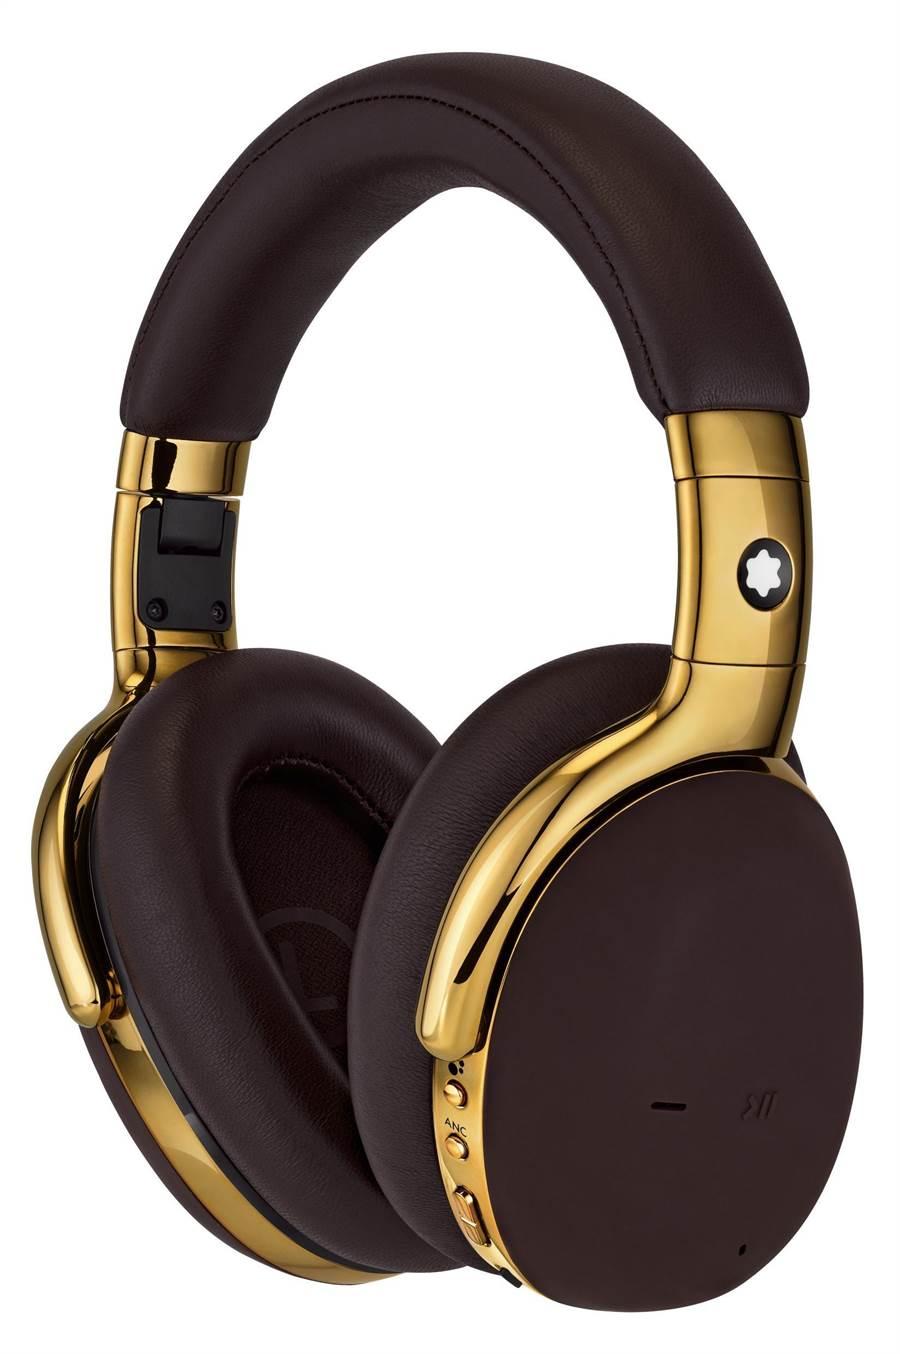 萬寶龍MB01全罩式耳機,黑金款售價2萬400元。(Montblanc提供)